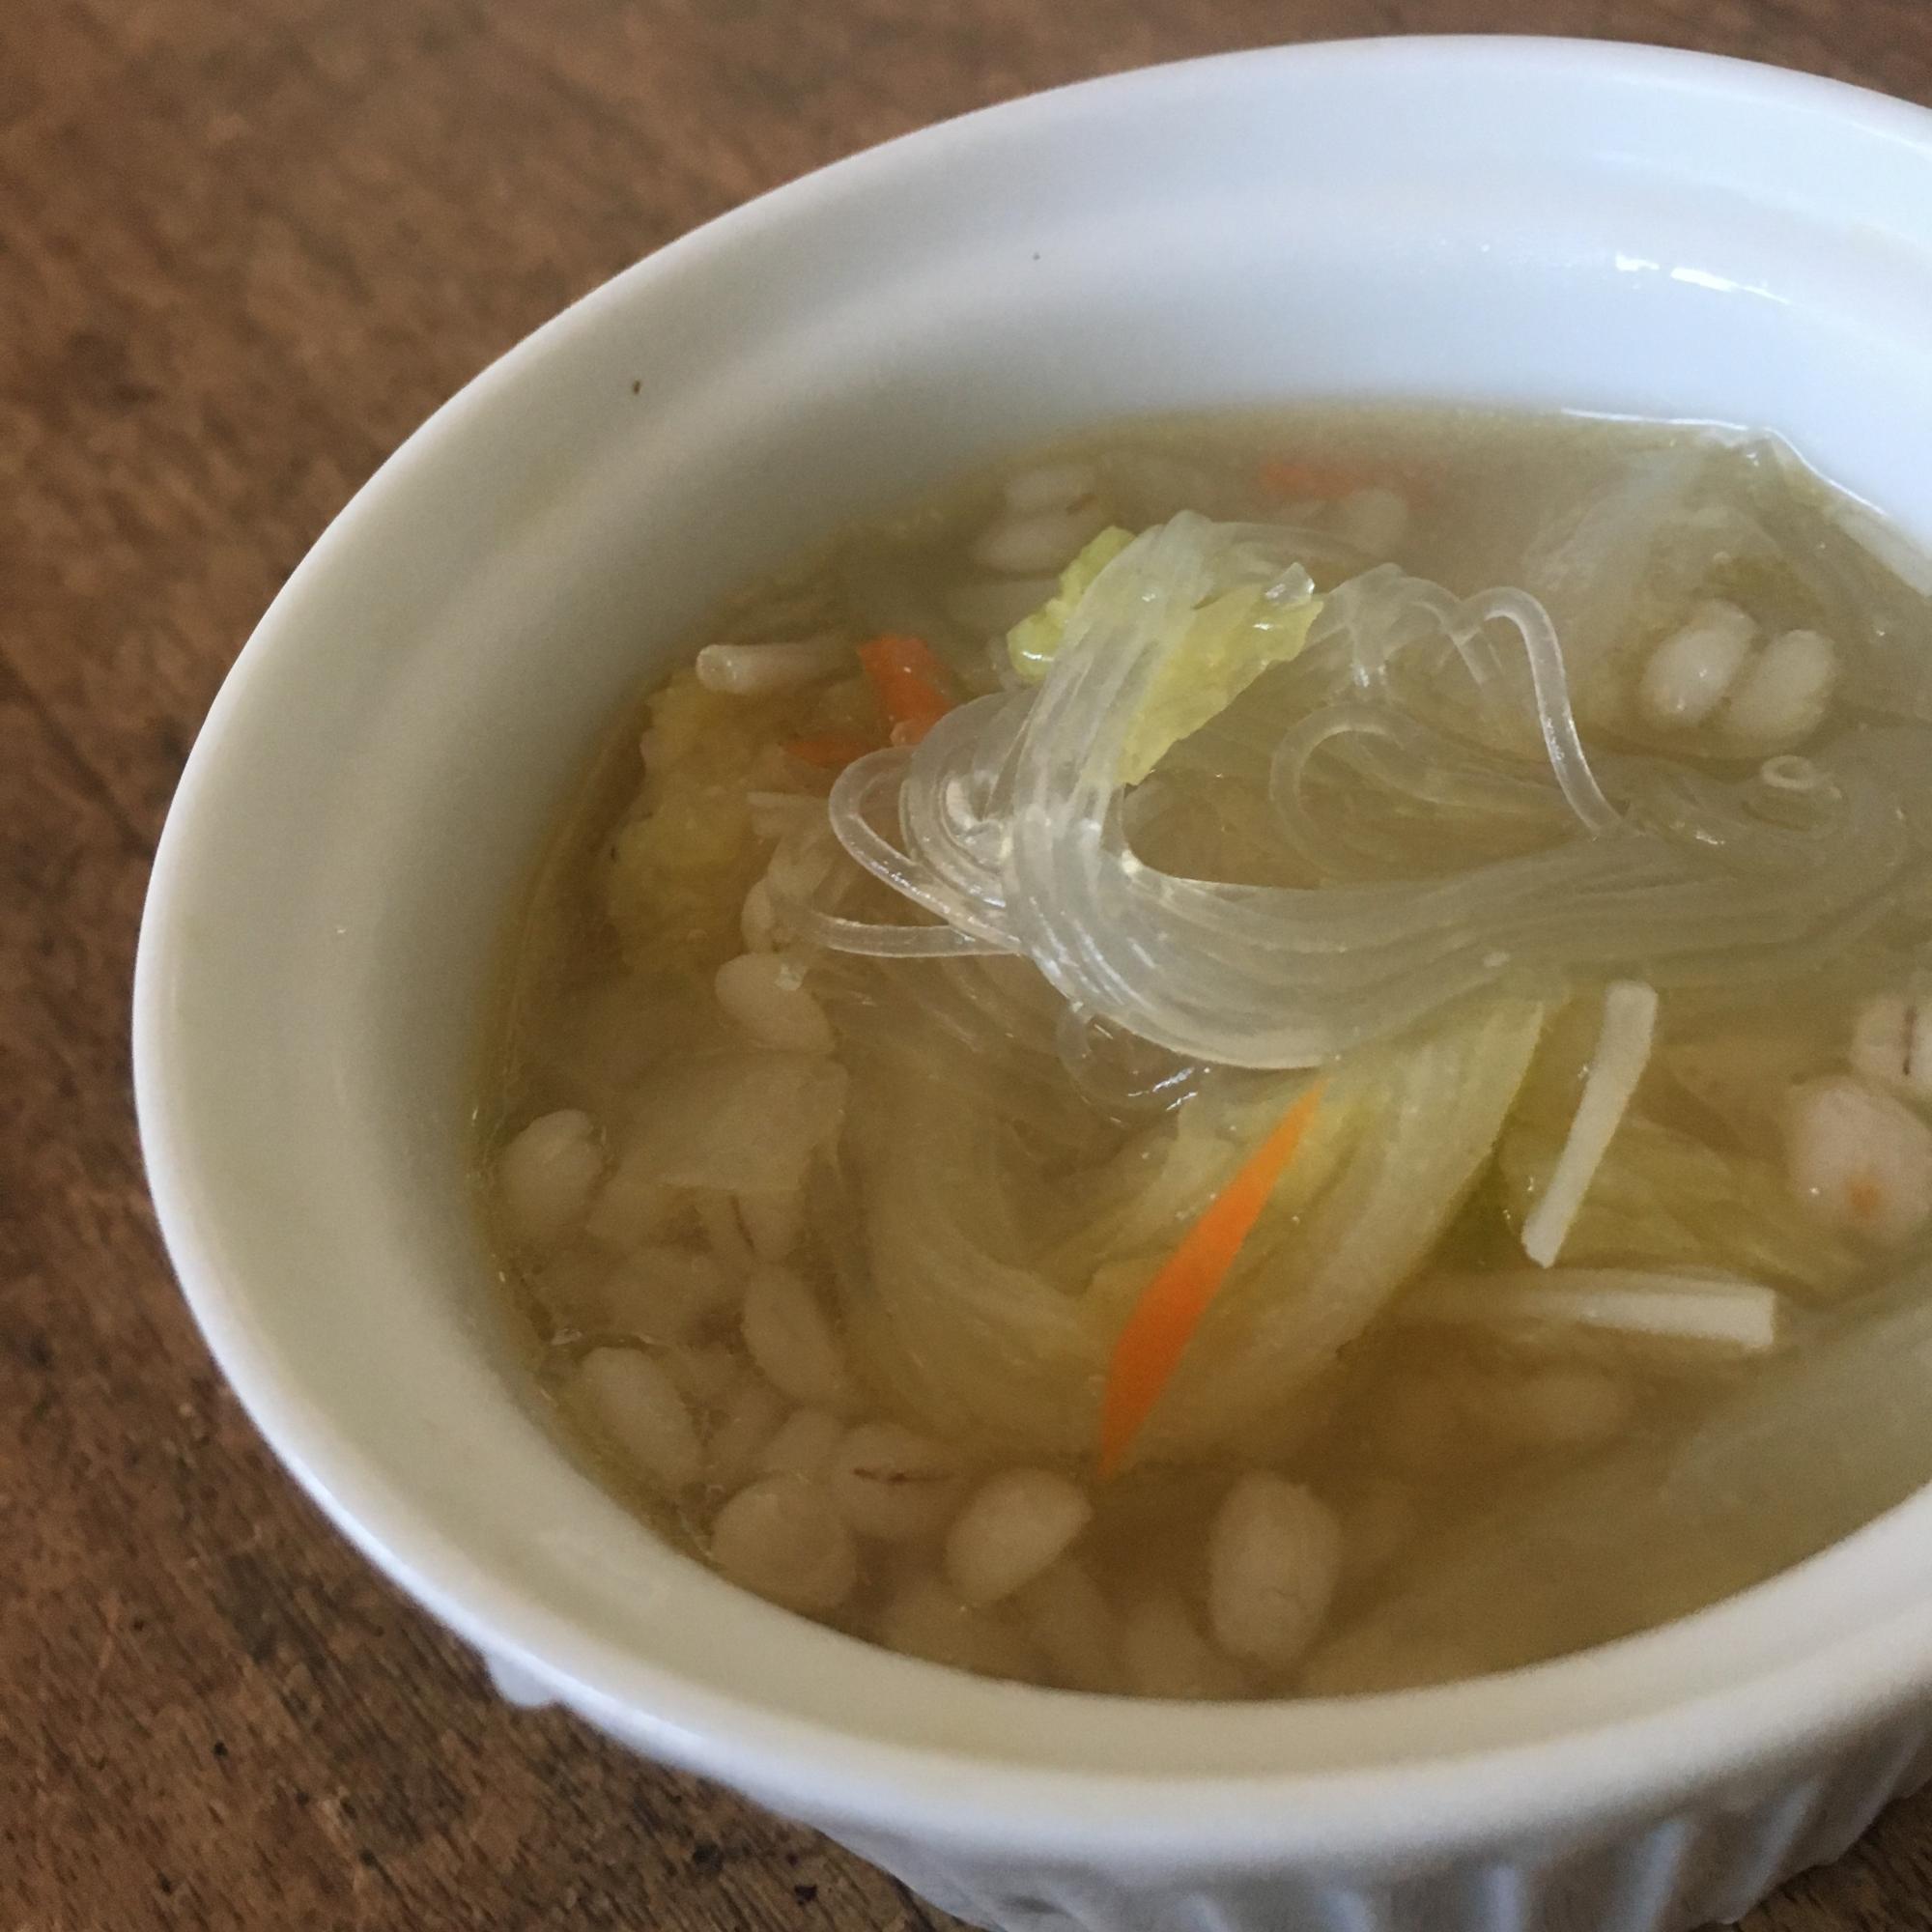 6. 中華風もおすすめ!「もち麦春雨スープ」